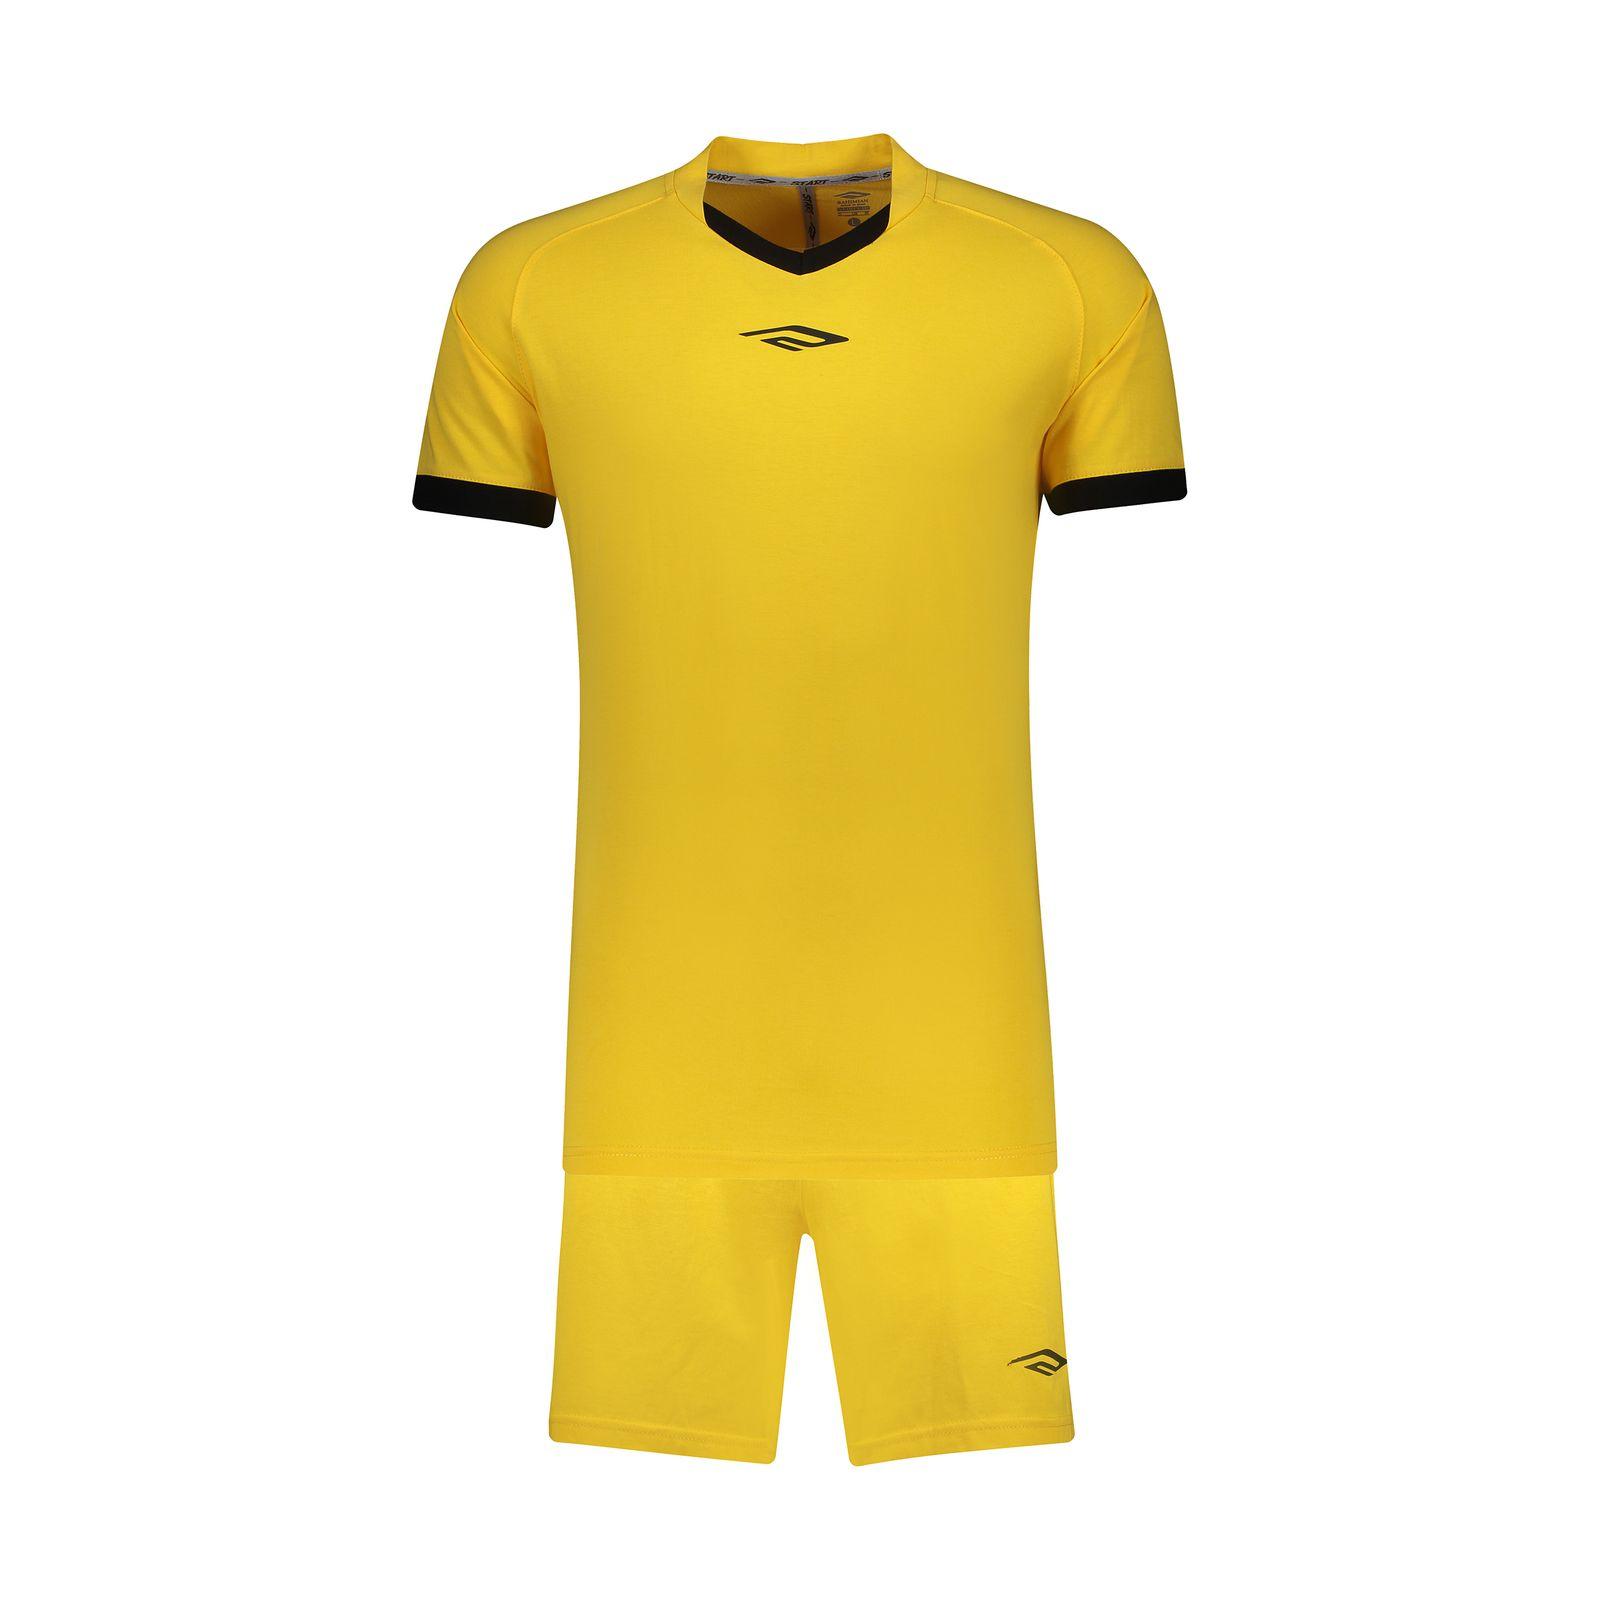 ست پیراهن و شورت ورزشی مردانه استارت مدل v1001-1 -  - 2